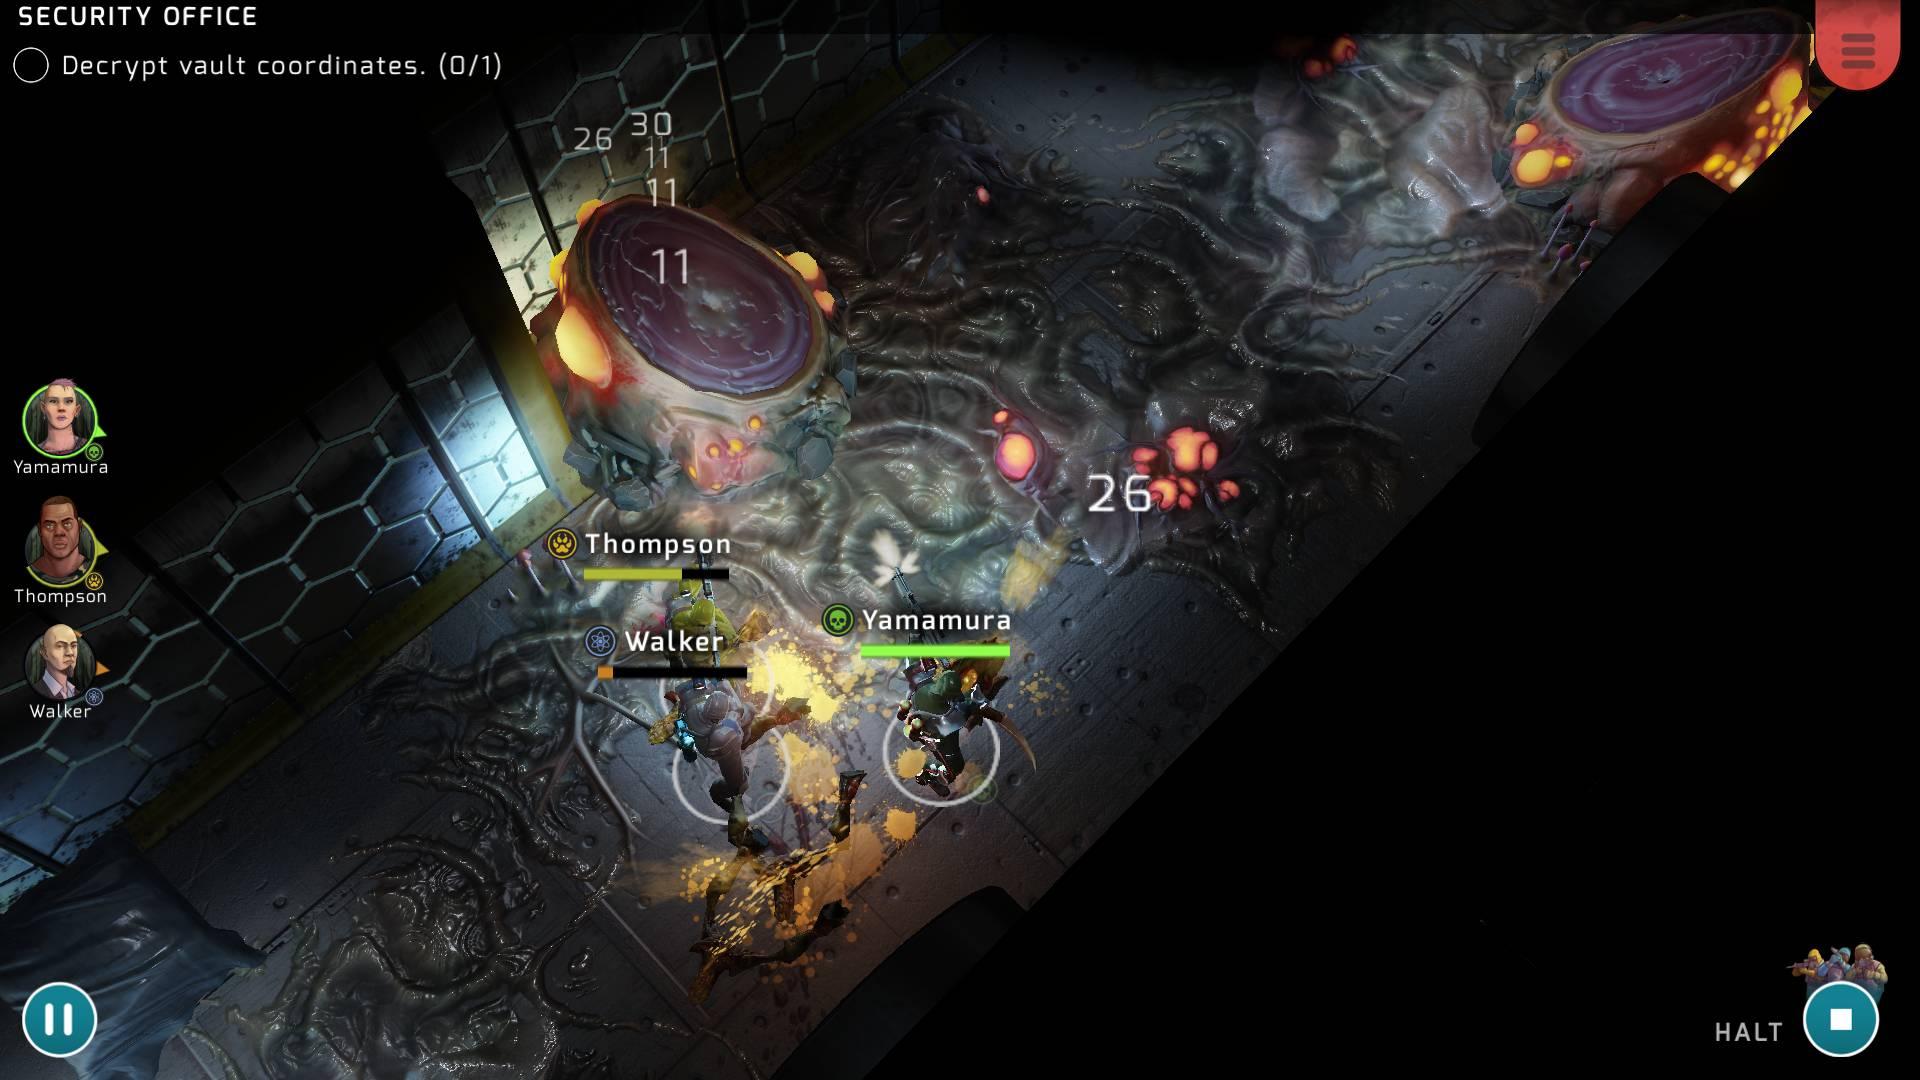 'Pixelbite Pengembang Space Marshals Anno Mengumumkan Seperti RTS' Xenowerk Tactics ', Meluncurkan Tahun Ini 2